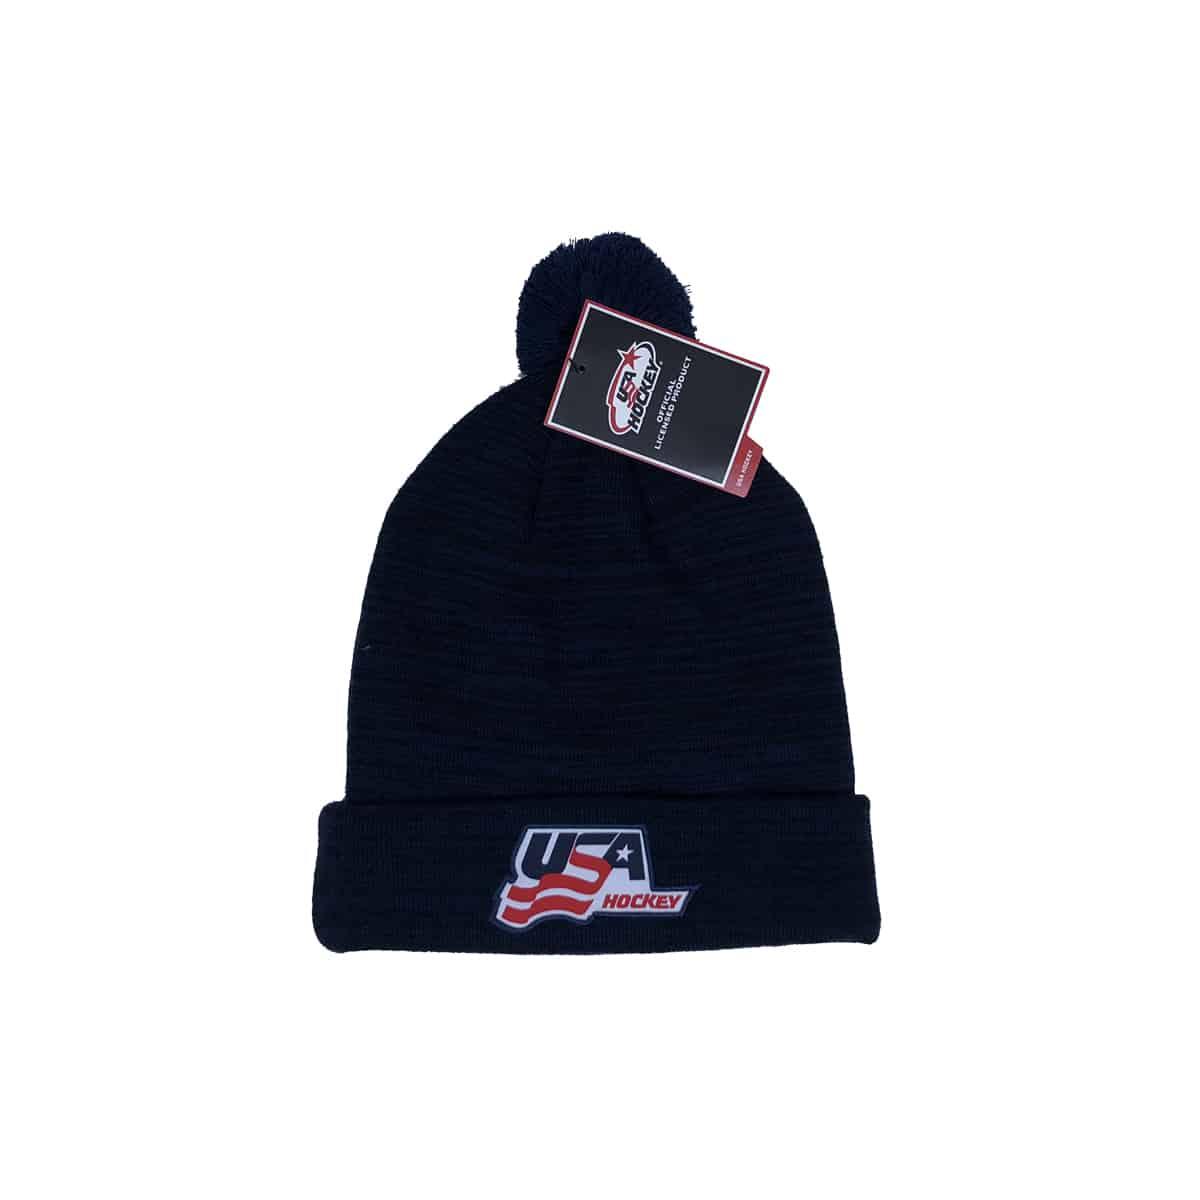 USA Hockey Nike Futura Pom Beanie